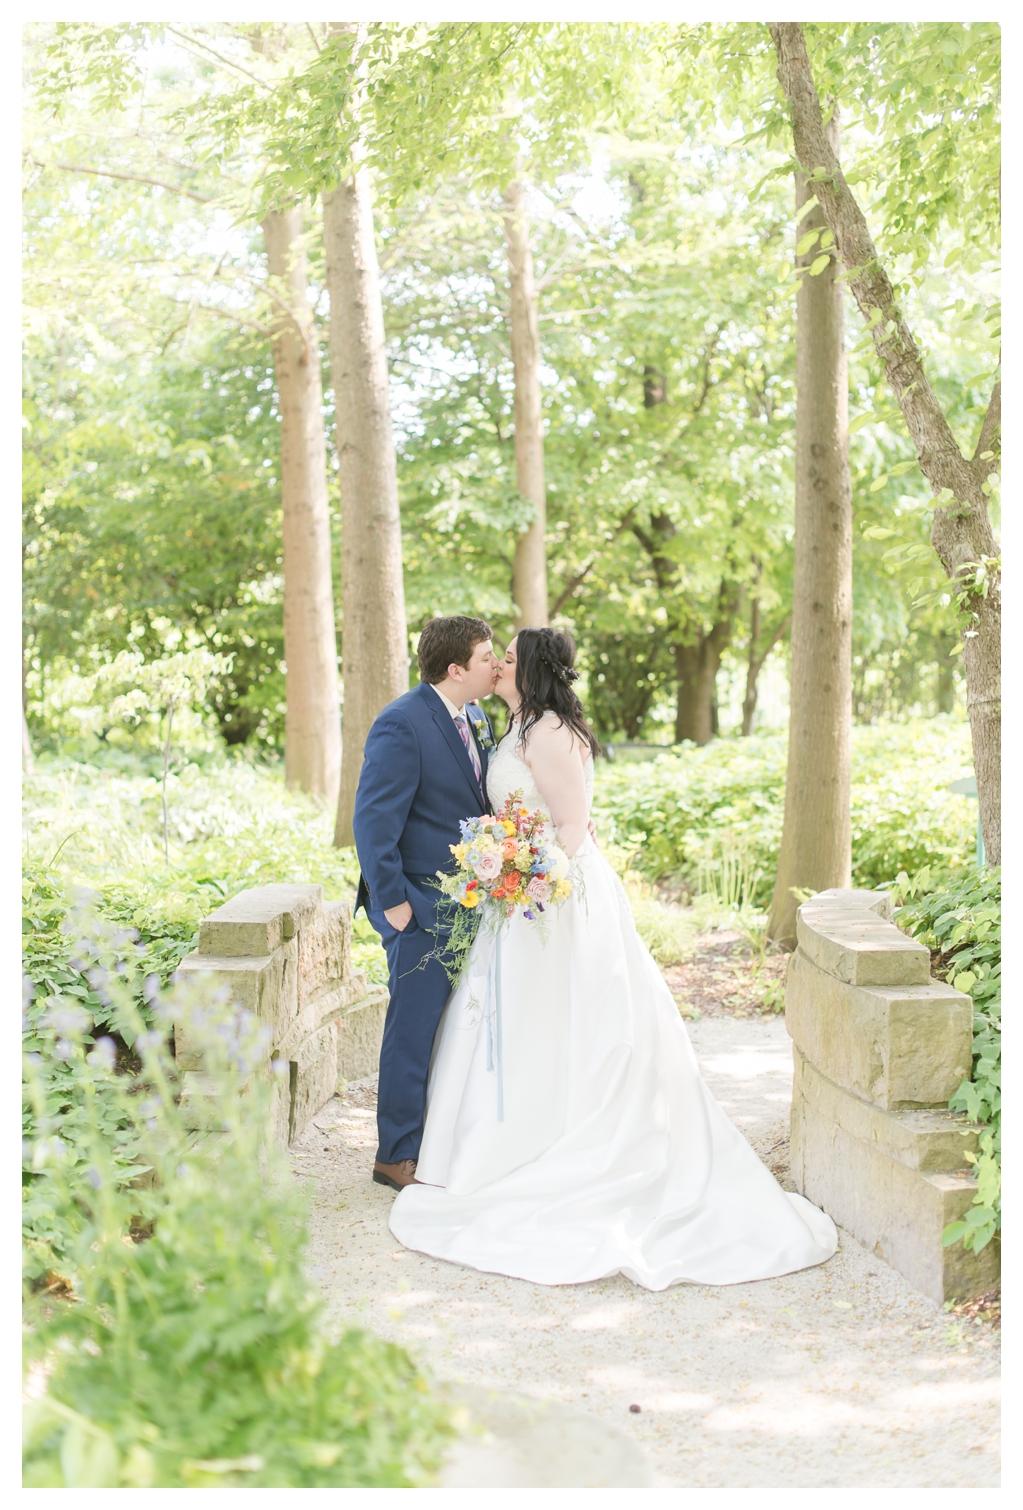 Indianapolis Zoo Wedding Photographer_0745.jpg